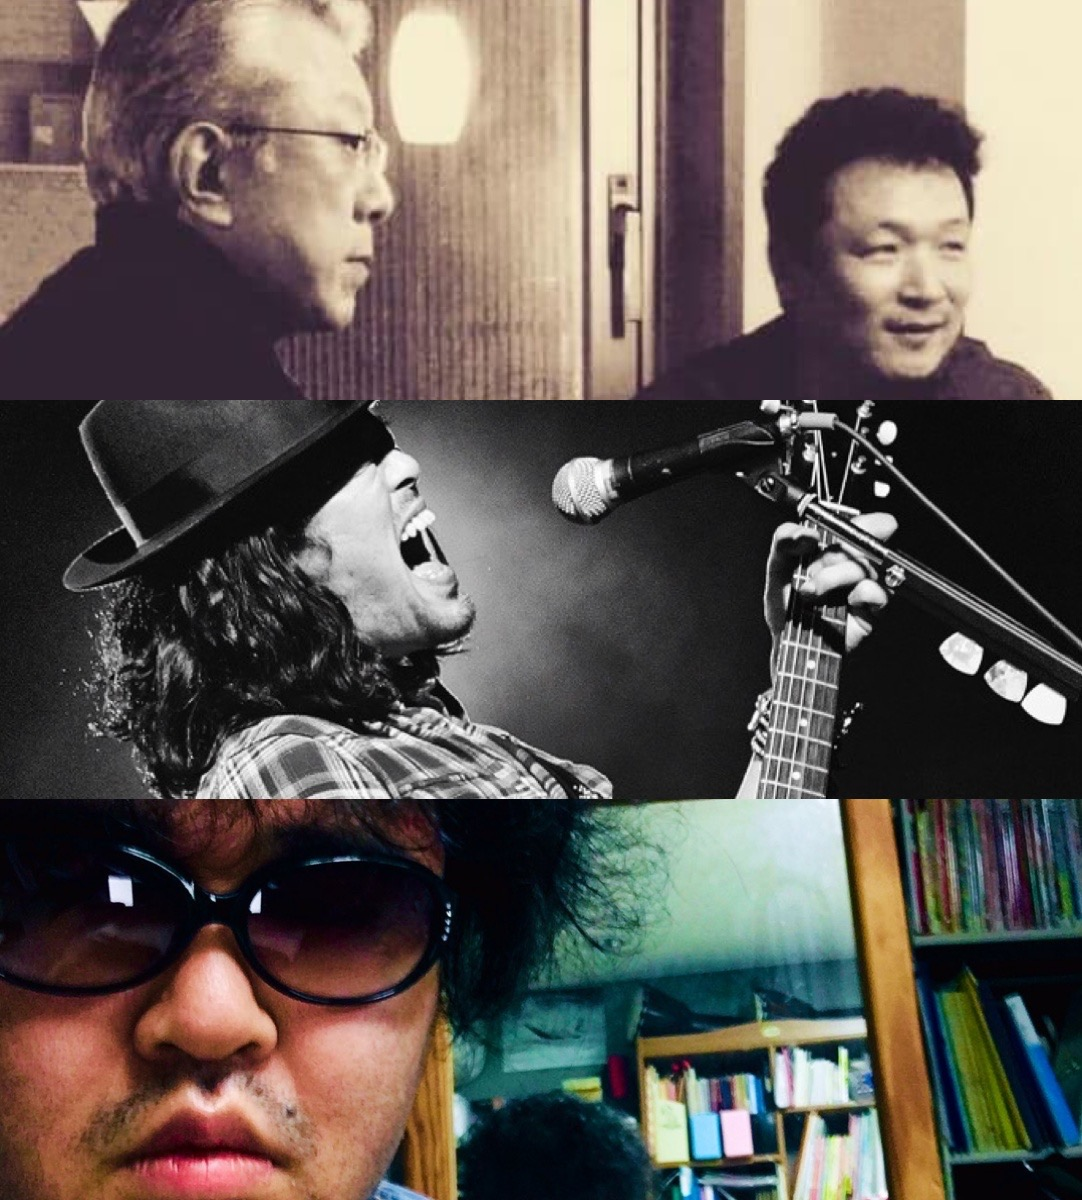 『わたしの歌 あなたの物語』出演:池森洋介 / ライジング・マツwith勝間 / ベラ氏